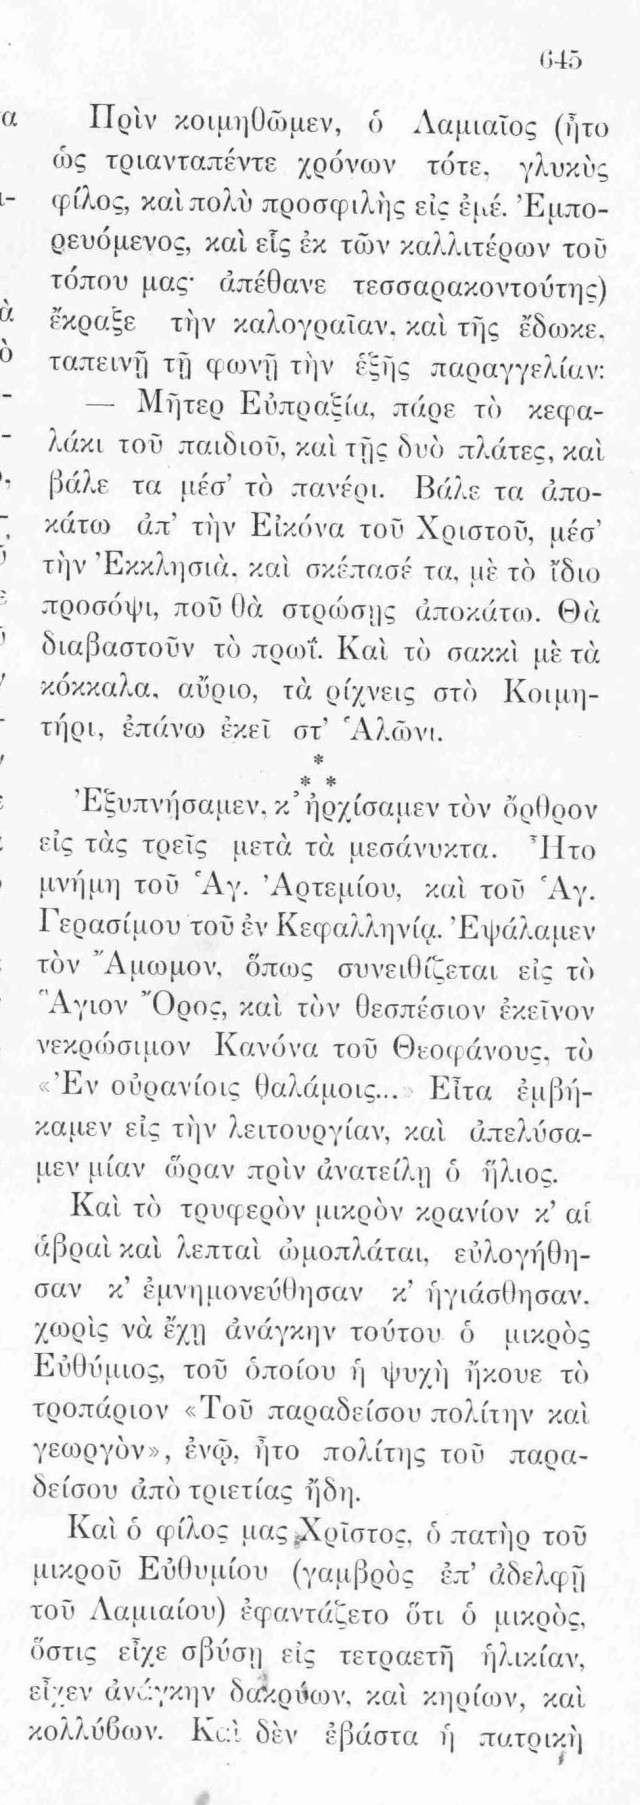 Πασχαλινές διακοπές σημαίνουν Παπαδιαμάντης! (αφιέρωμα σε πασχαλινά διηγήματα του κυρ Αλέξανδρου) Iiiiii45